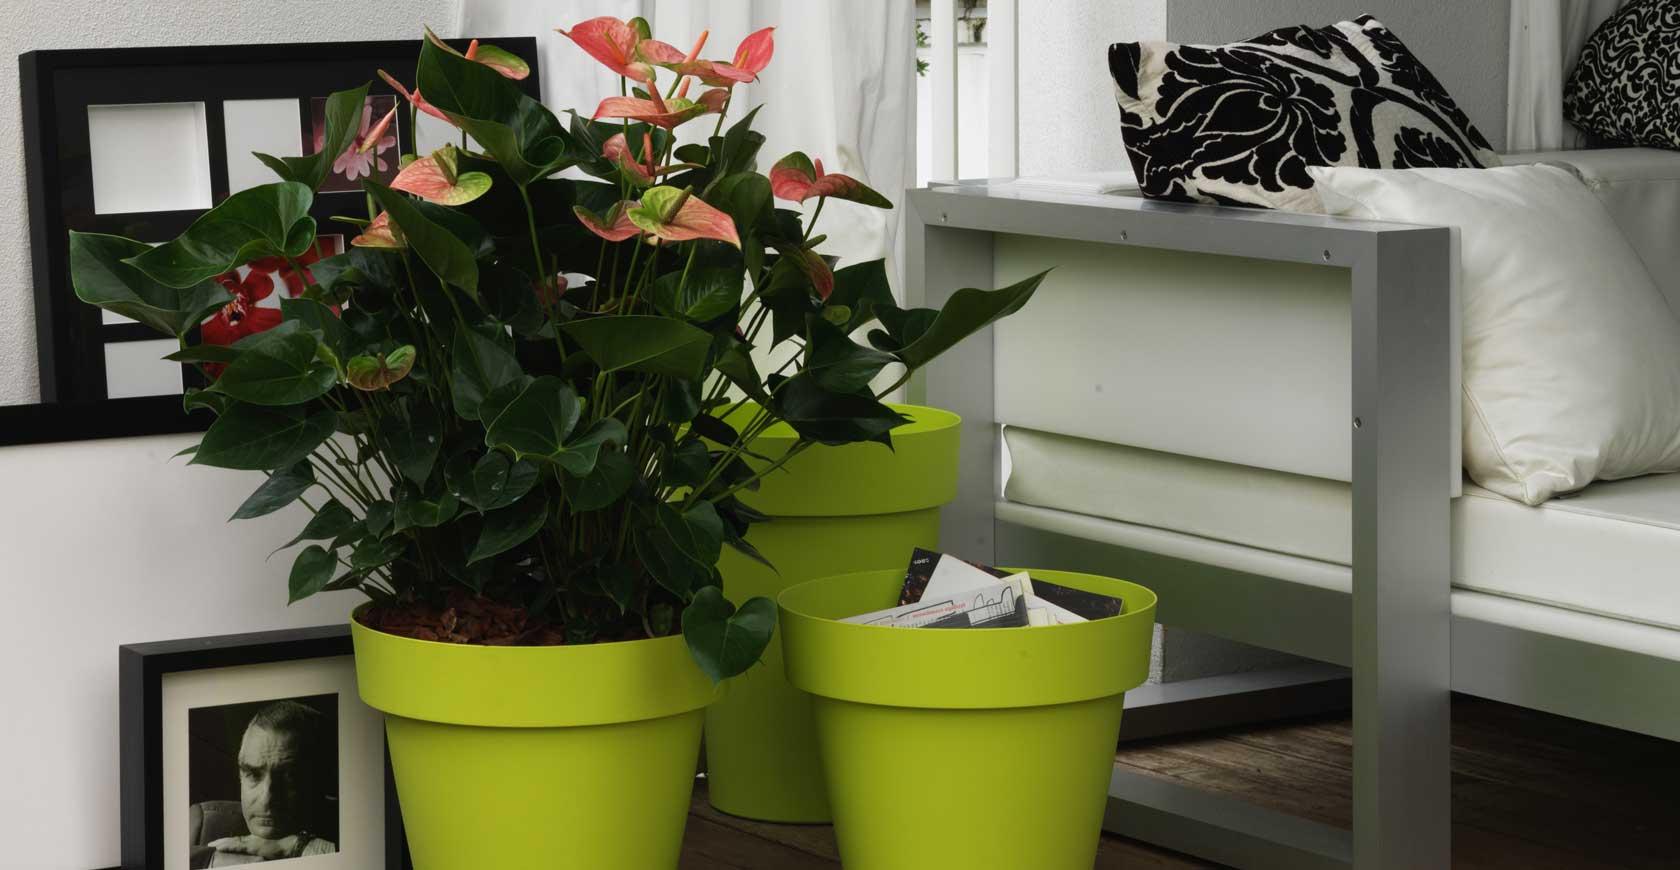 Produttori Vasi In Plastica.Plastecnic Creativi Per Natura